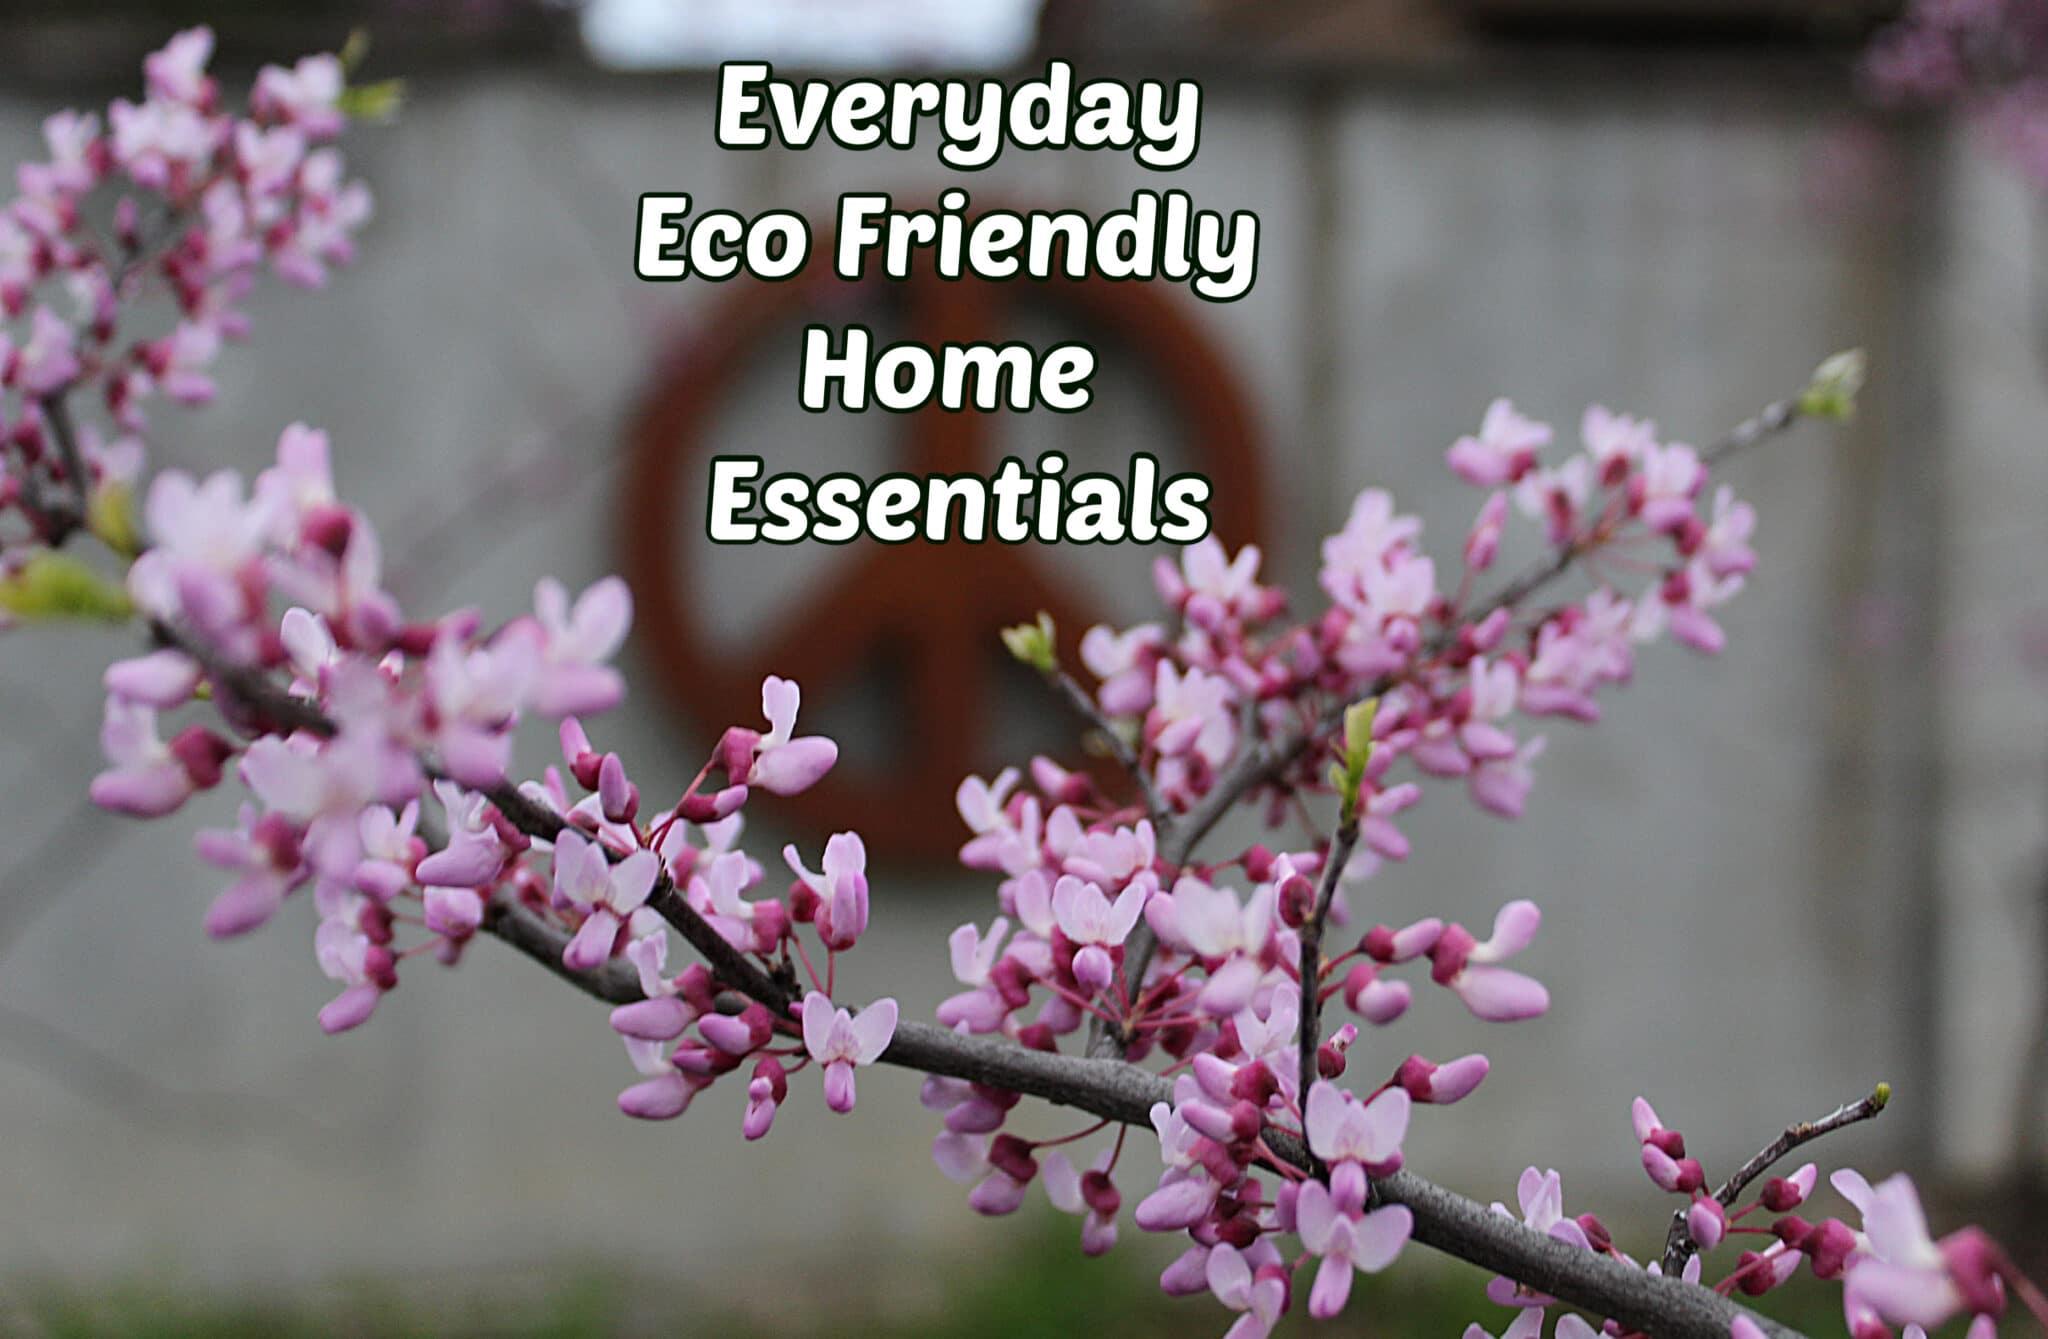 Eco Friendly Everyday Home Essentials